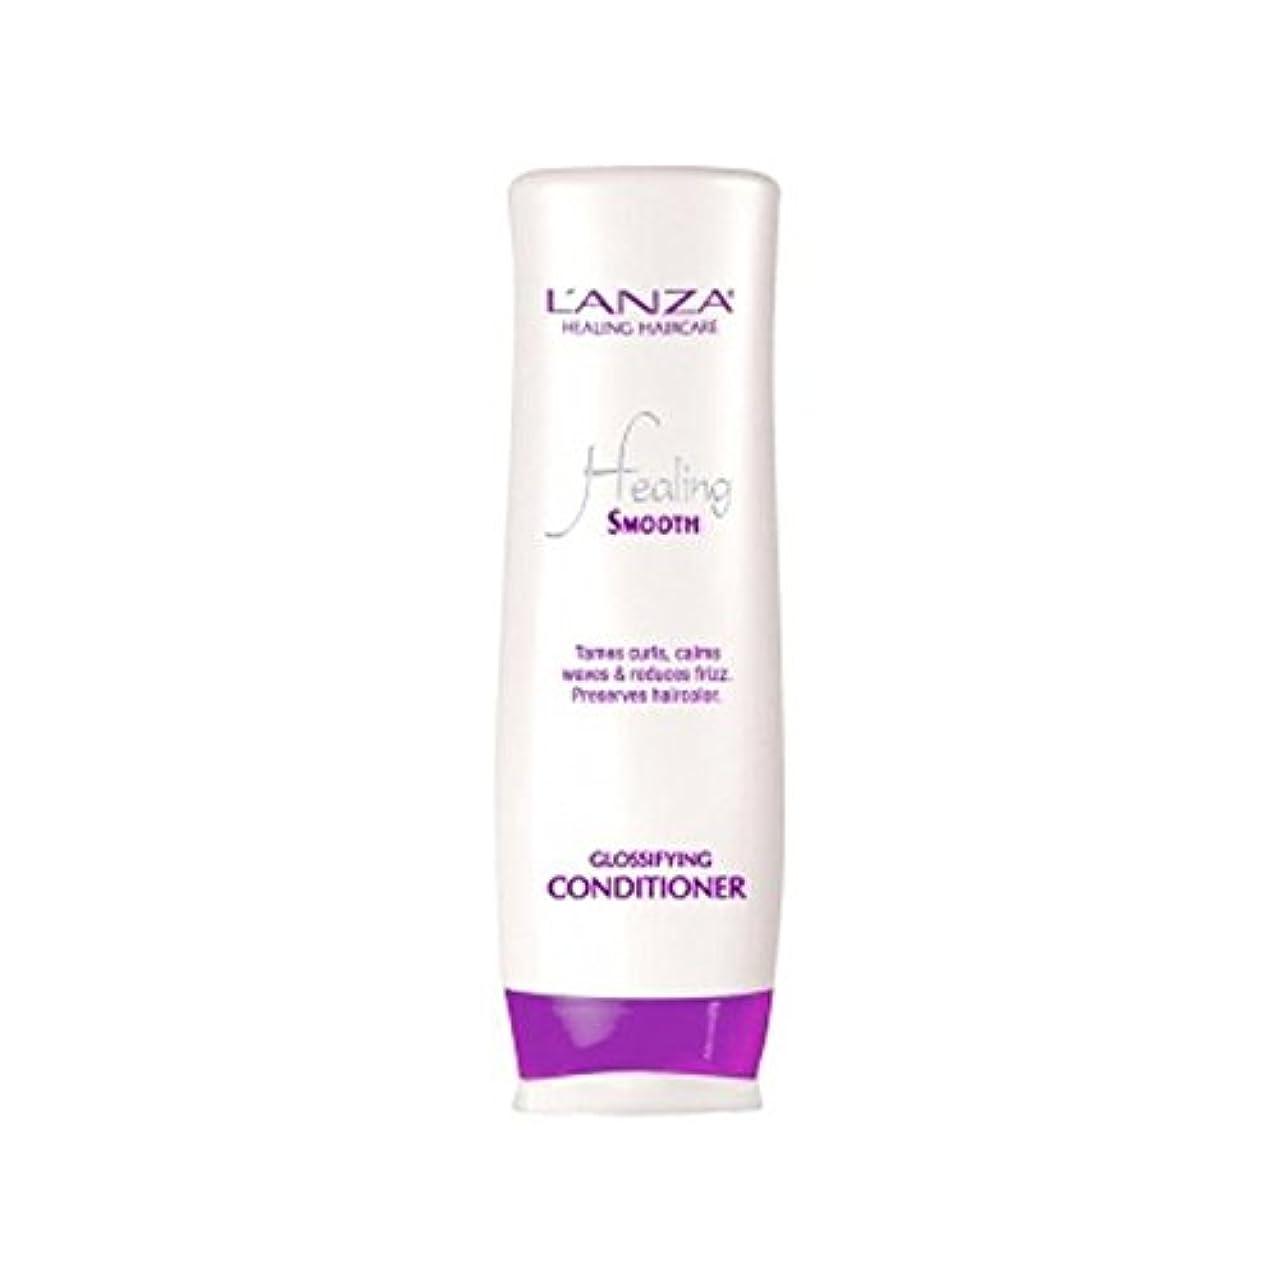 砂漠バーマド代わりにL'Anza Healing Smooth Glossifying Conditioner (250ml) - スムーズなコンディショナーを癒し'アンザ(250ミリリットル) [並行輸入品]